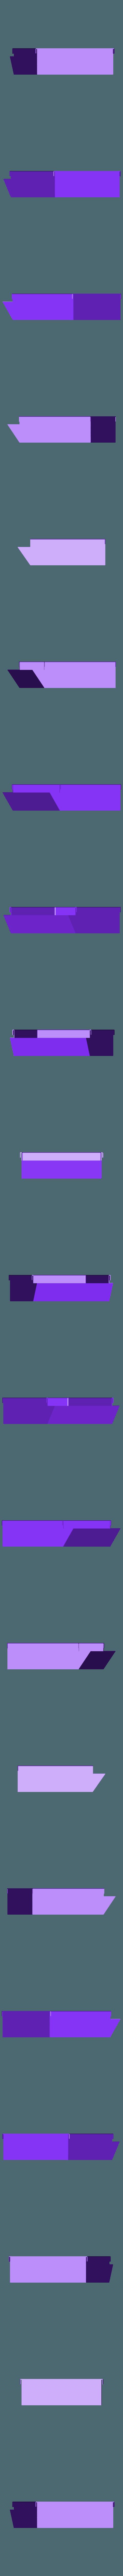 Tiroir L160 P150 H50.STL Download free STL file Hanging storage drawers • 3D printer model, Ni-no